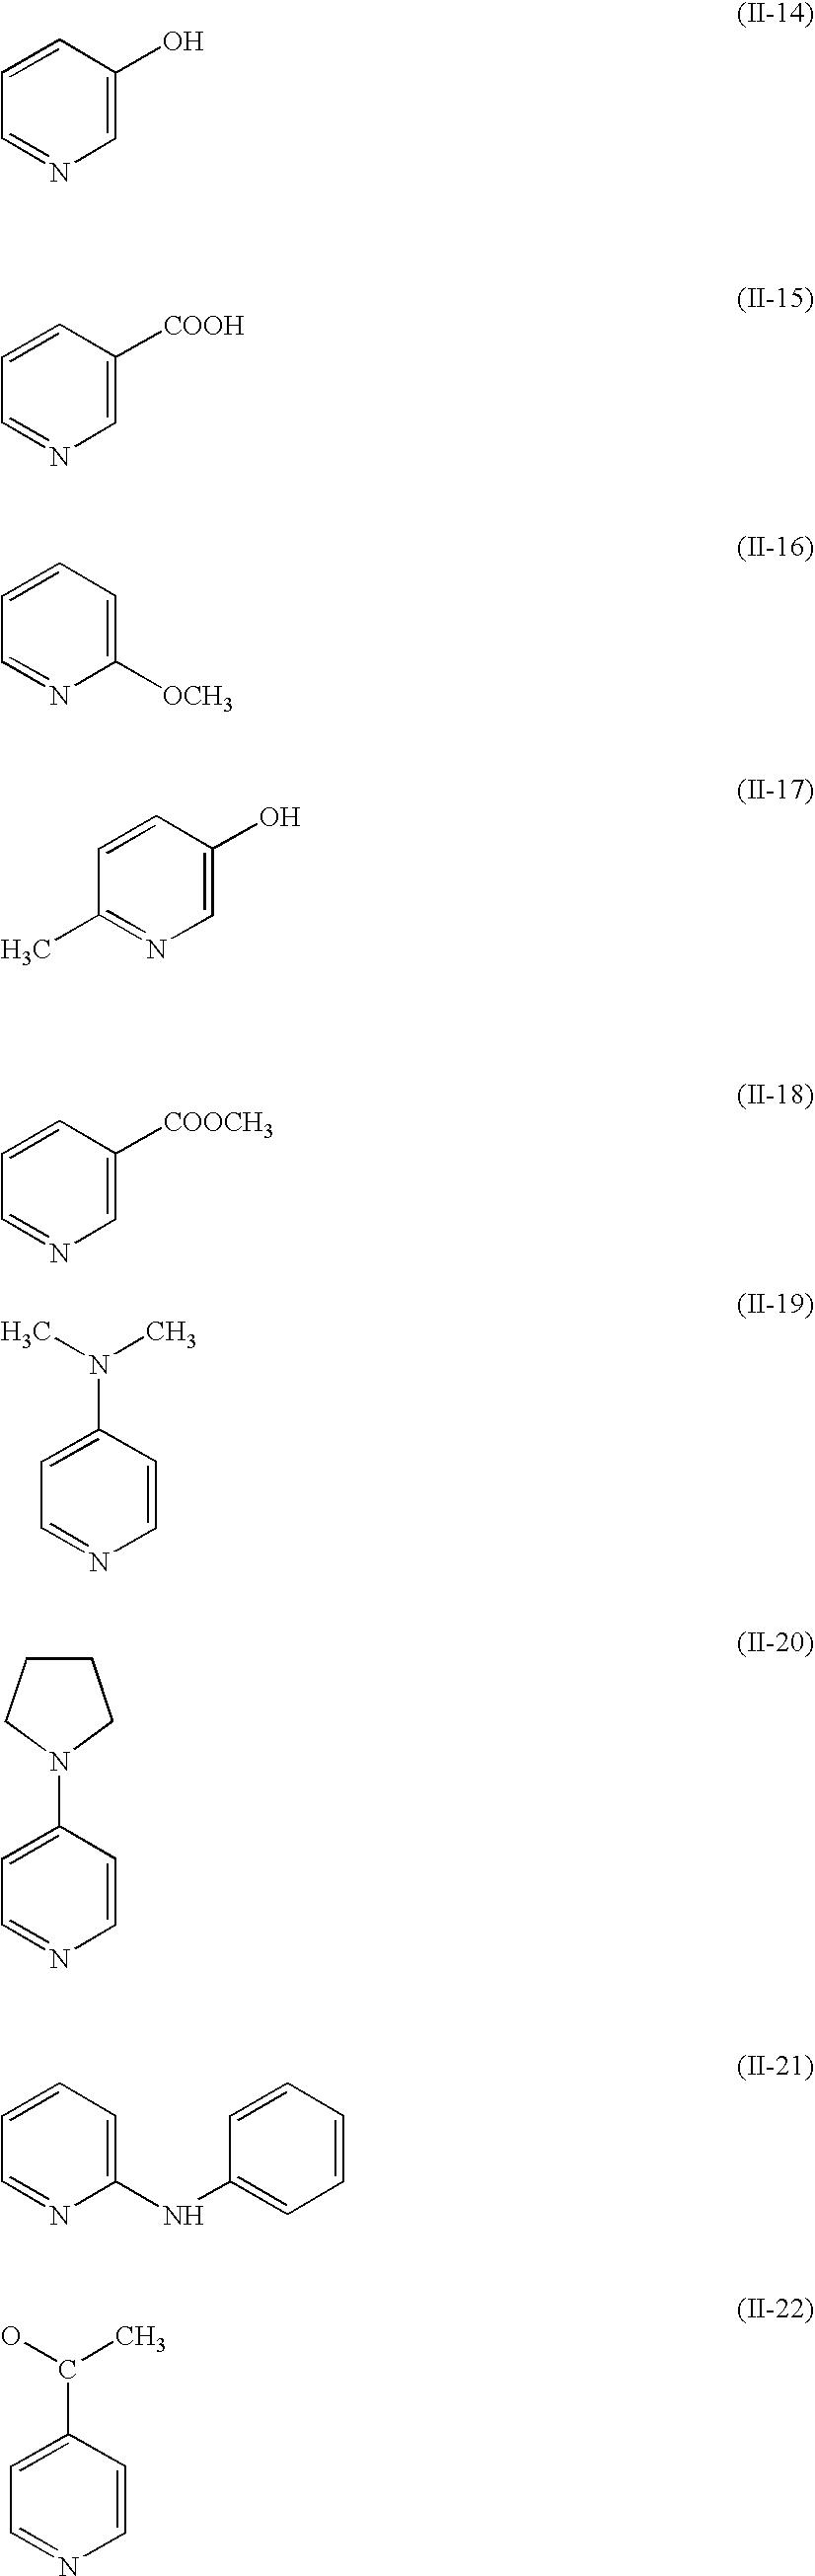 Figure US20060204732A1-20060914-C00011